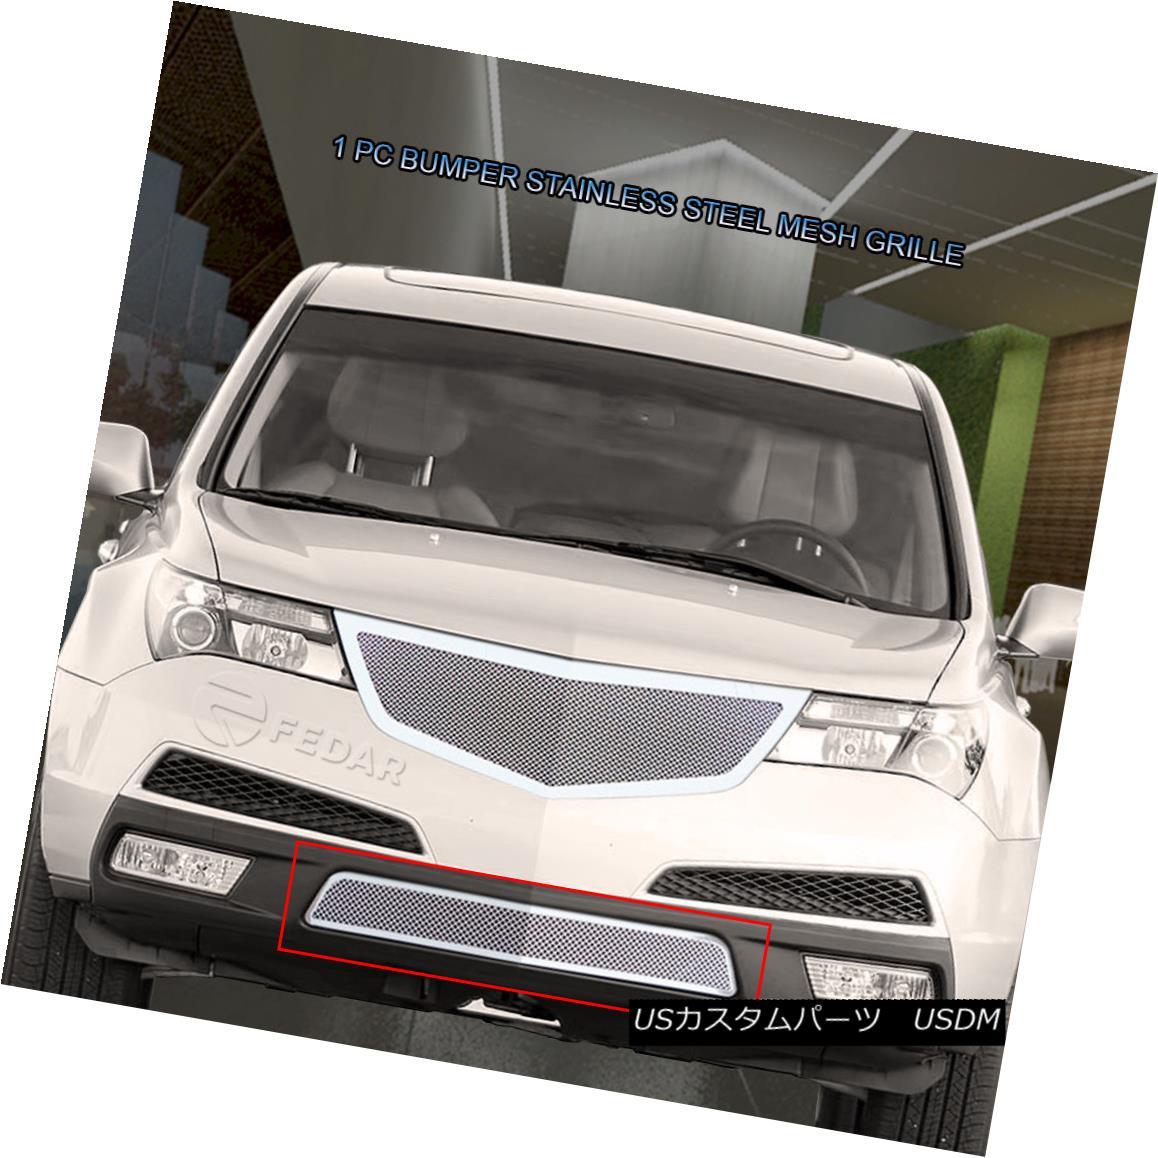 グリル 2010 - 2013 Acura MDX Stainless Steel Wire Mesh Grille Bumper Grill Insert Fedar 2010 - 2013アキュラMDXステンレススチールワイヤーメッシュグリルバンパーグリルインサートフェルダー